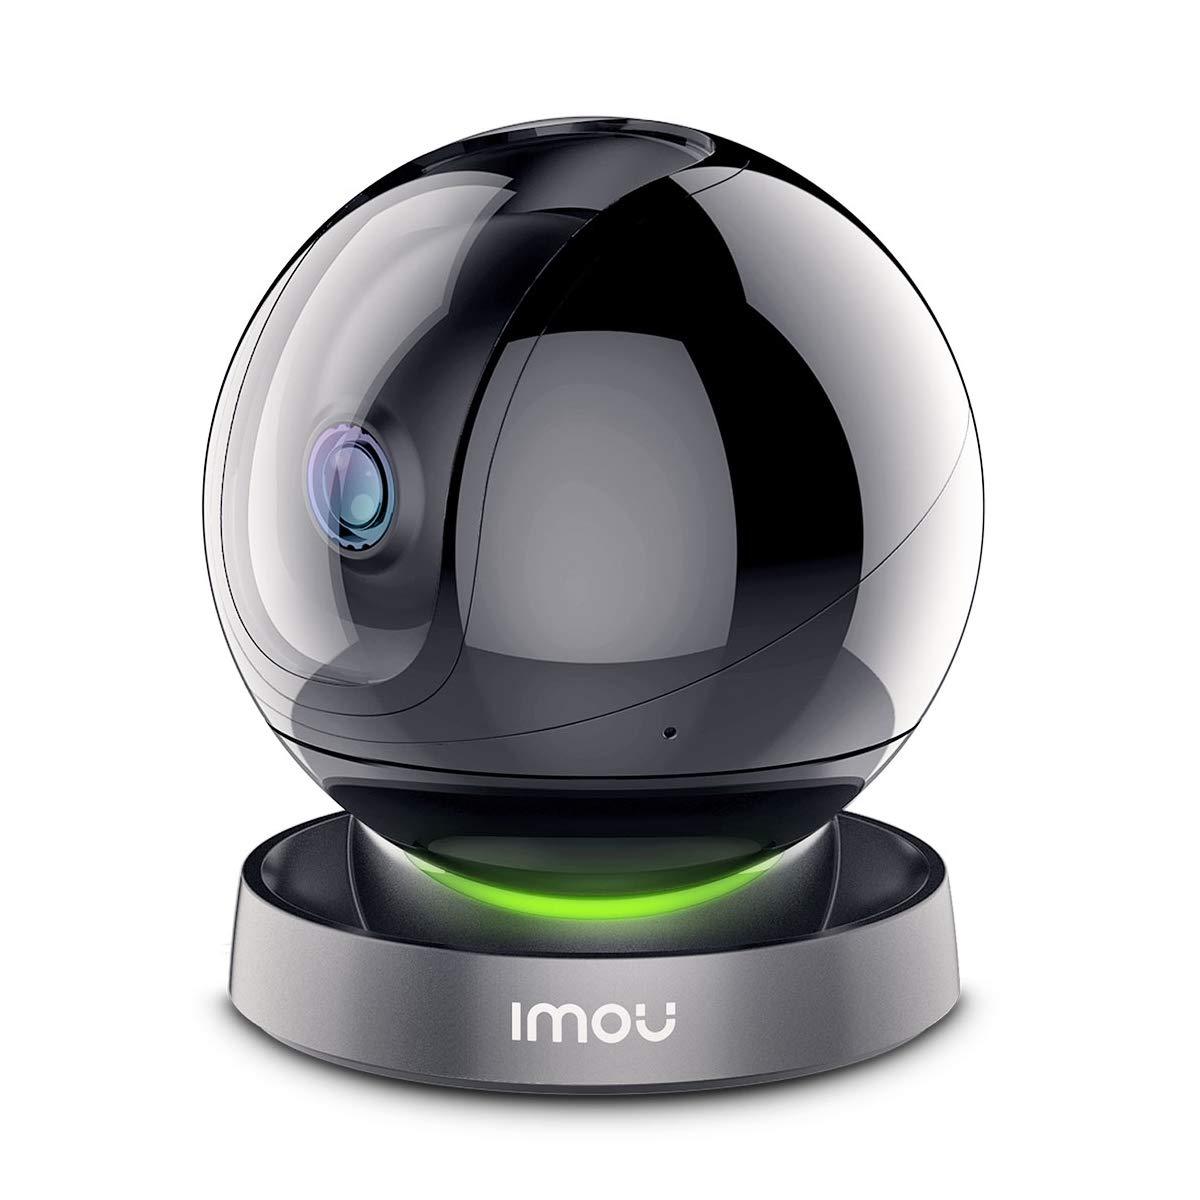 Imou Cámara de Vigilancia WiFi Interior 1080P, Cámara IP WiFi 1080P, Cámara Domo PTZ, Sirena de Seguridad, Detección de Sonidos Extraños, Modo de Privacidad, Audio Bidireccional y Visión Nocturna: Amazon.es: Bricolaje y